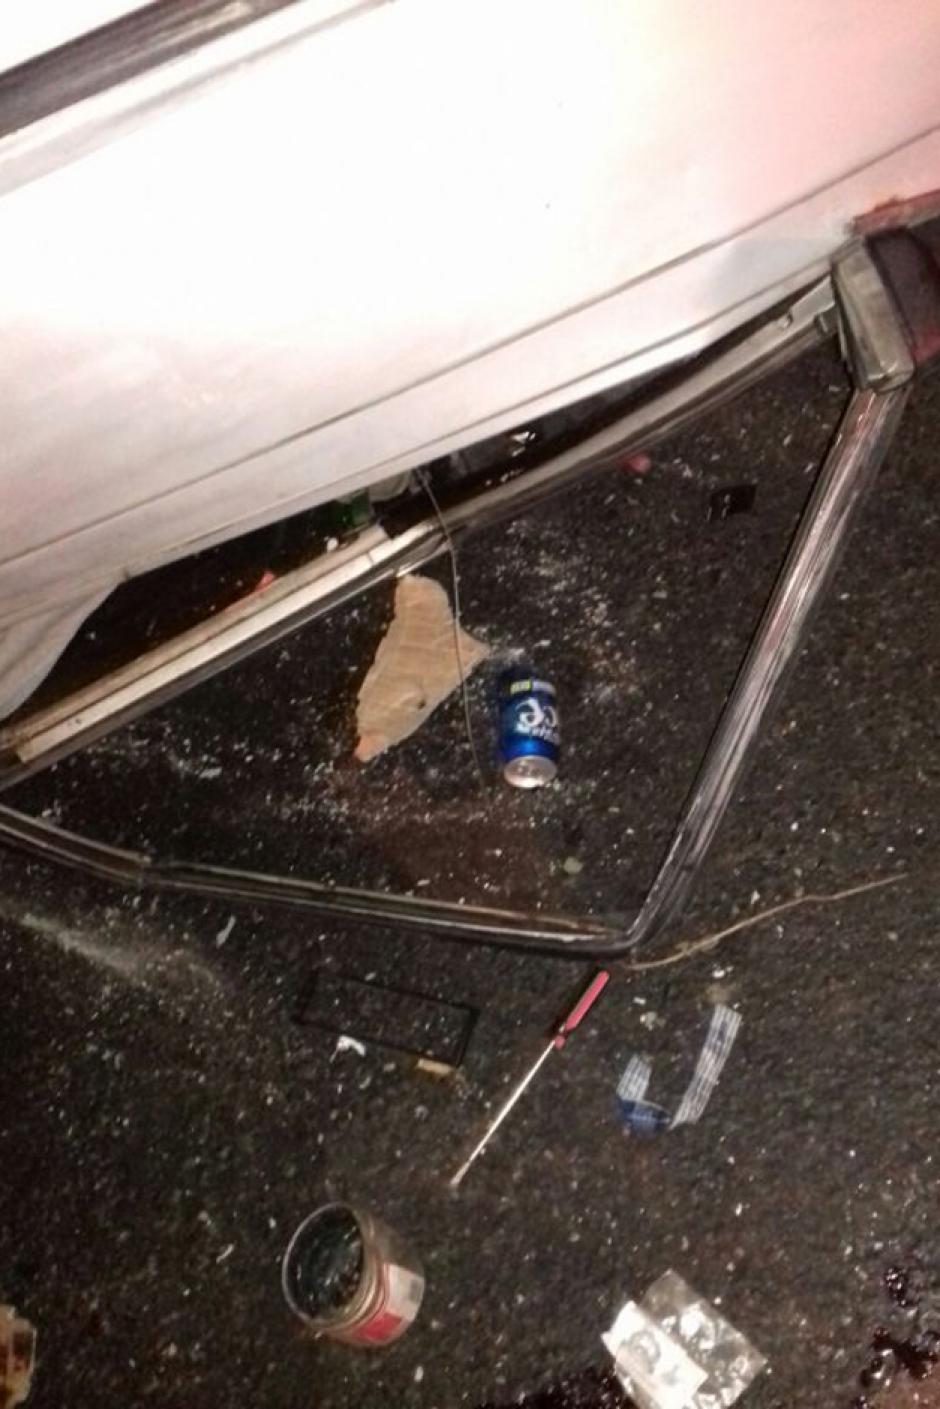 El conductor del automóvil se encontraba bajo los efectos del licor, por lo que fue consignado por las autoridades. (Foto: Dalia Santos/PNC)